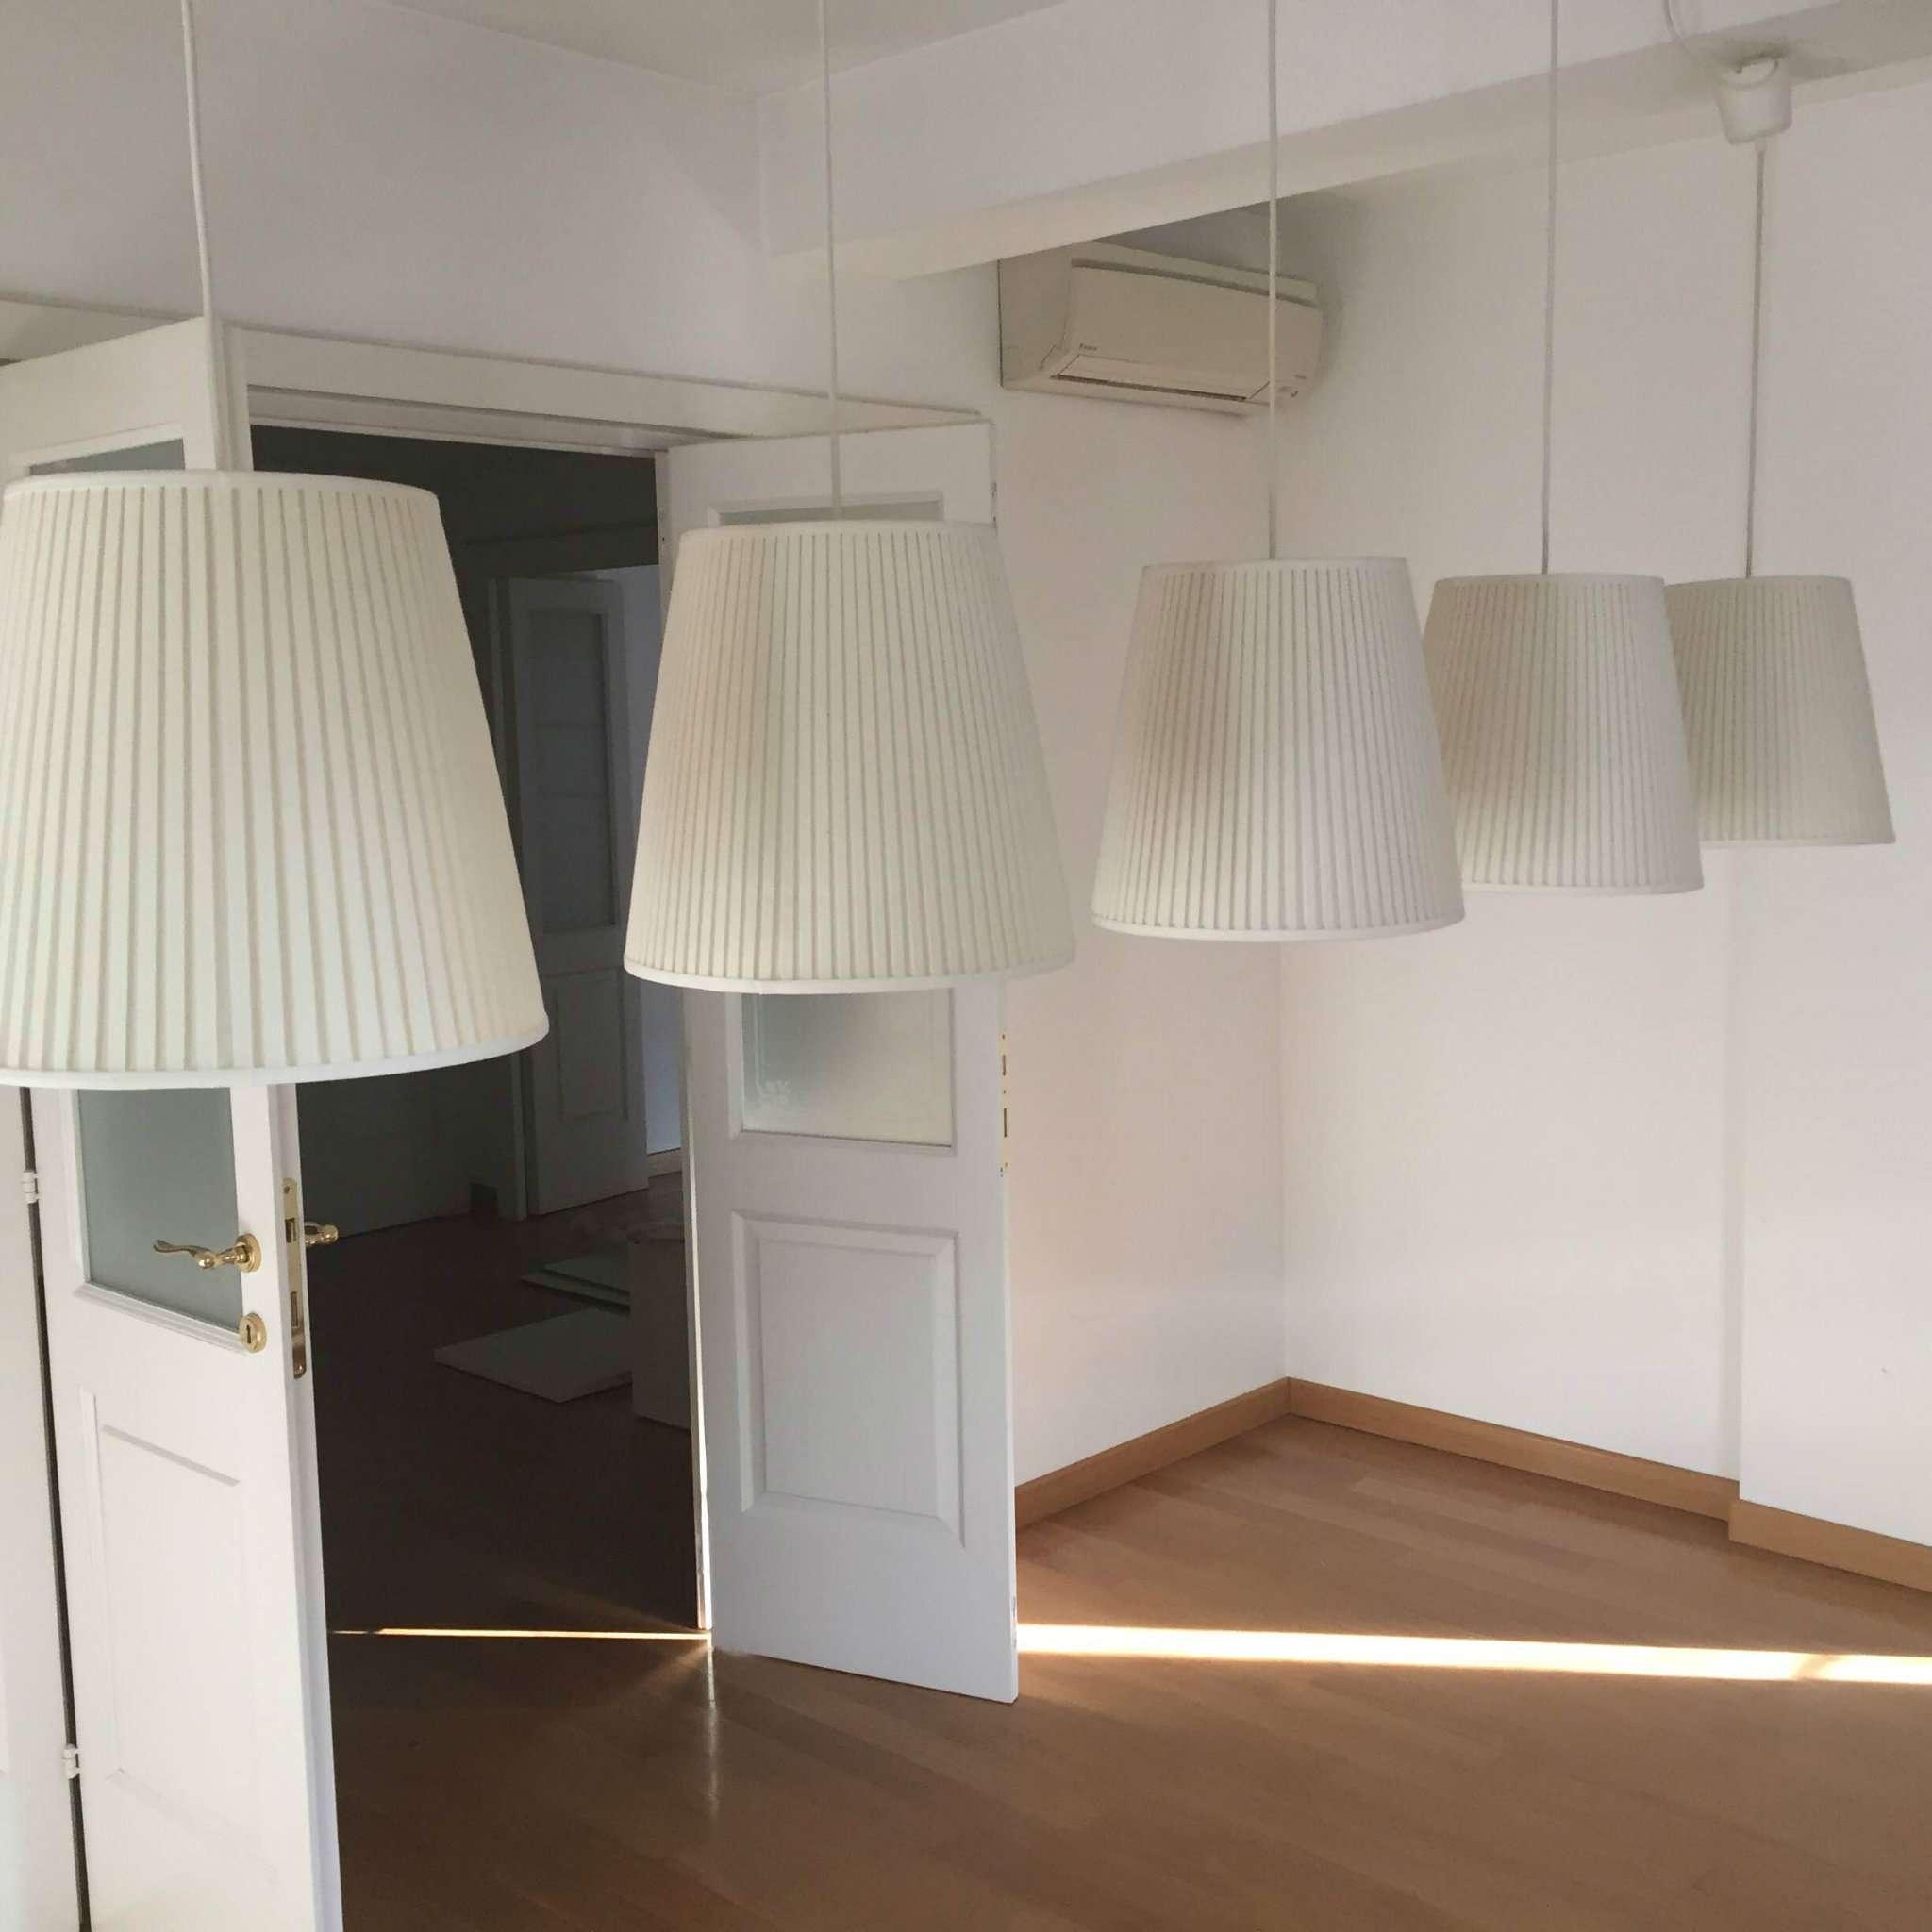 Appartamento in affitto a Milano, 3 locali, zona Zona: 1 . Centro Storico, Duomo, Brera, Cadorna, Cattolica, prezzo € 3.300 | CambioCasa.it